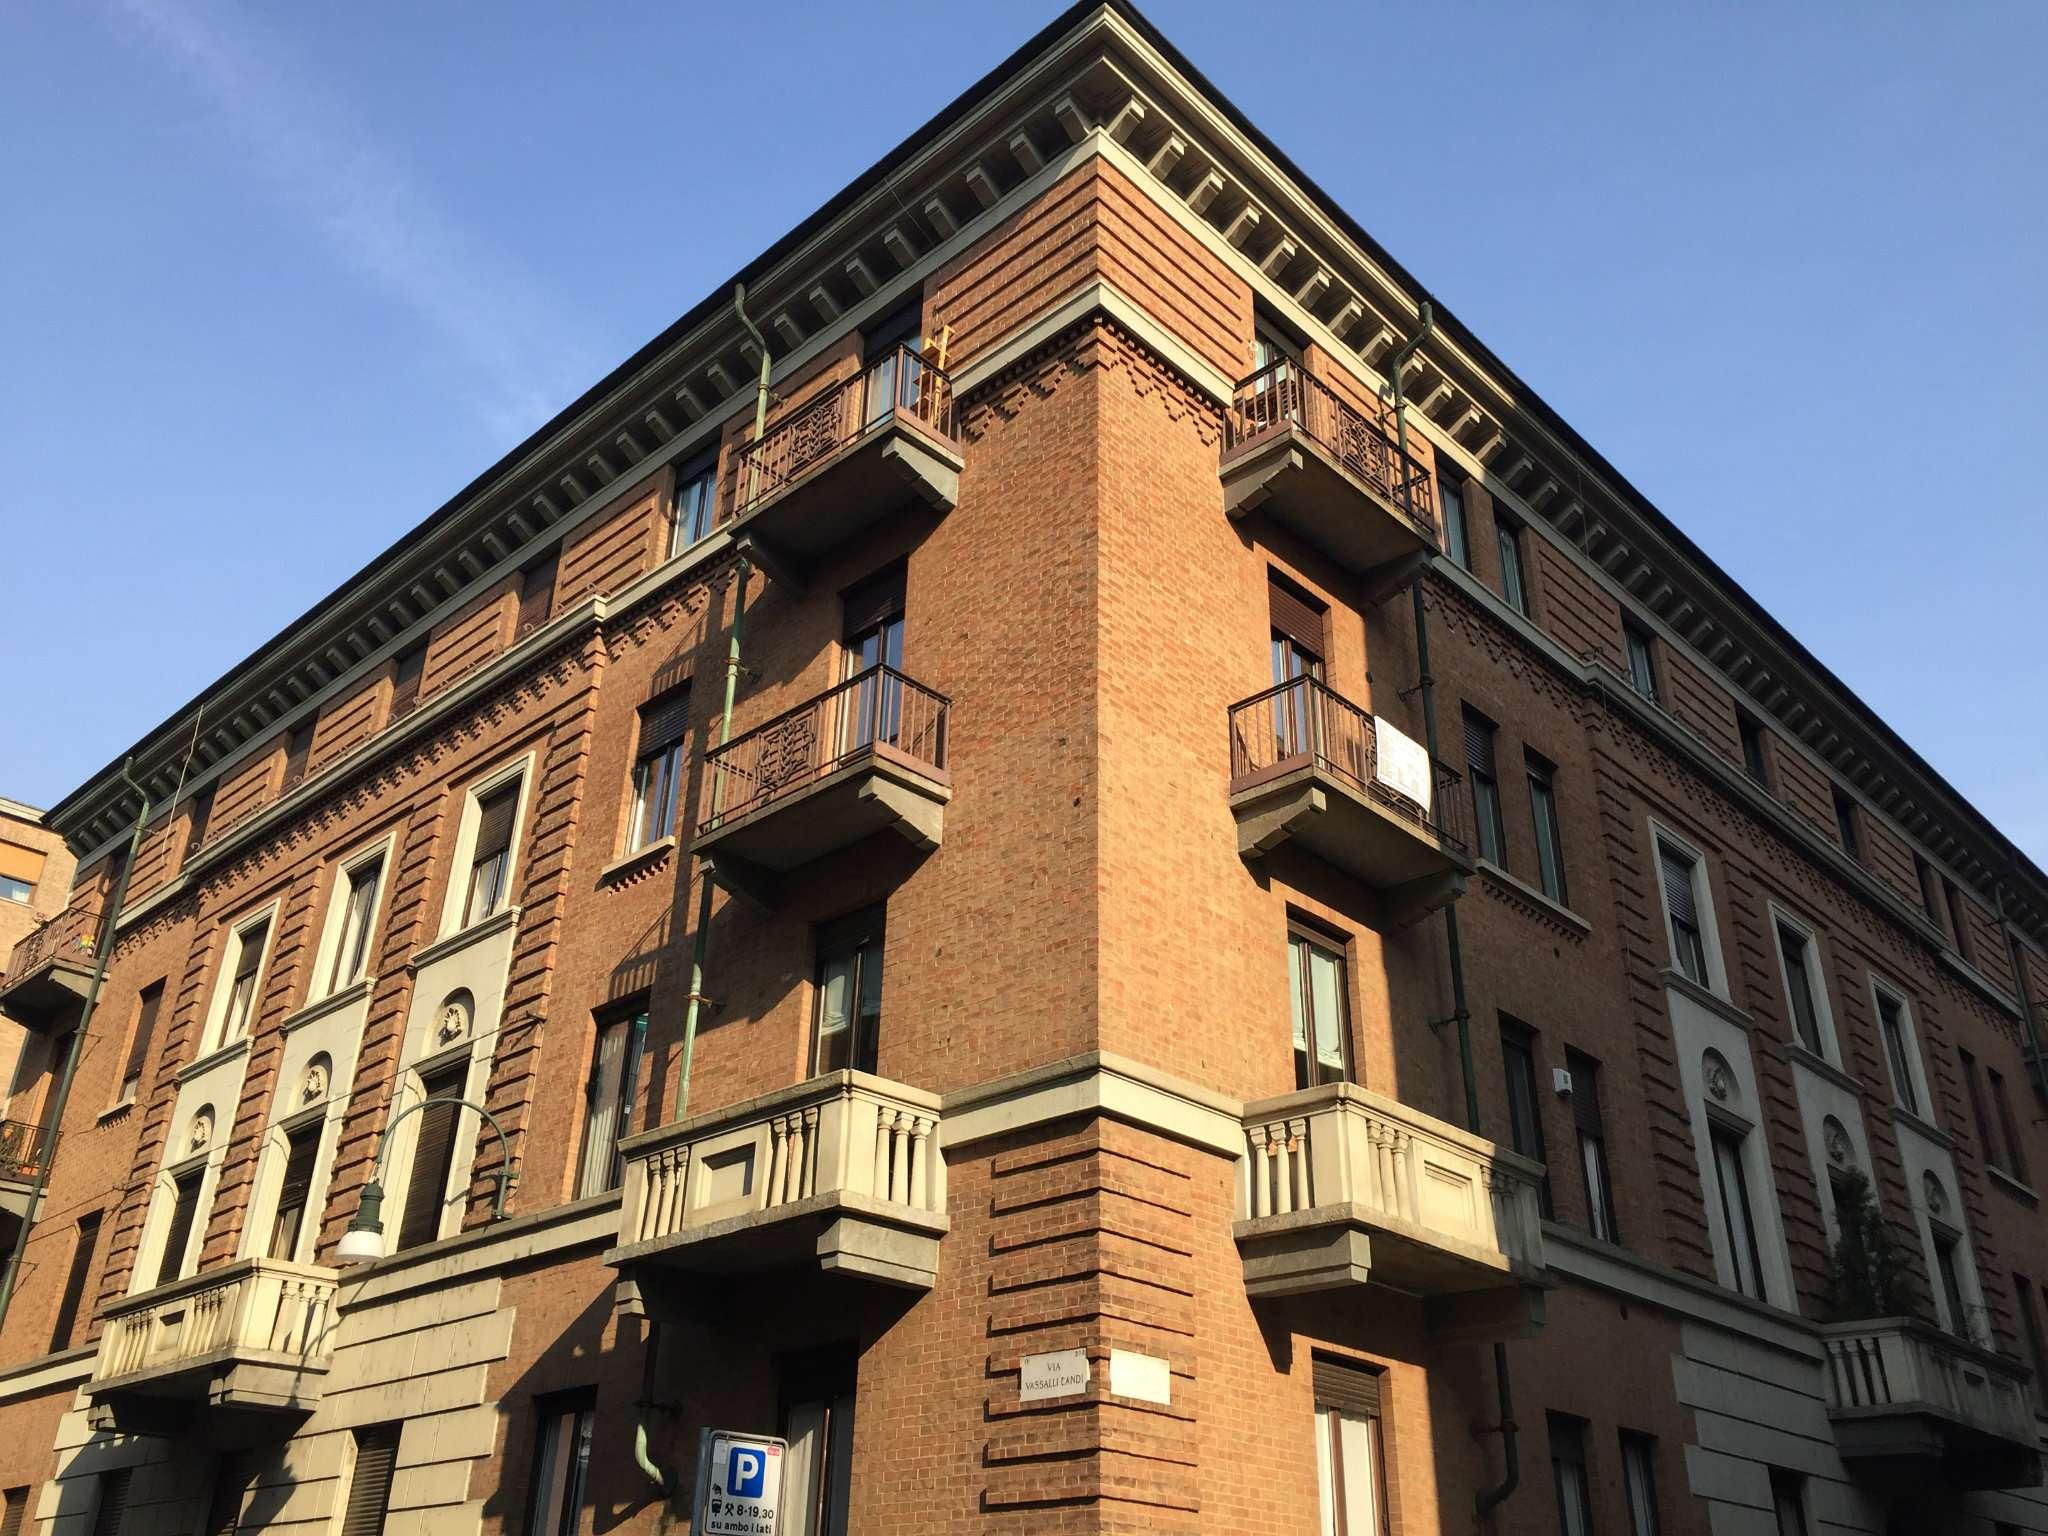 Foto 1 di Appartamento via Gropello 10, Torino (zona Cit Turin, San Donato, Campidoglio)